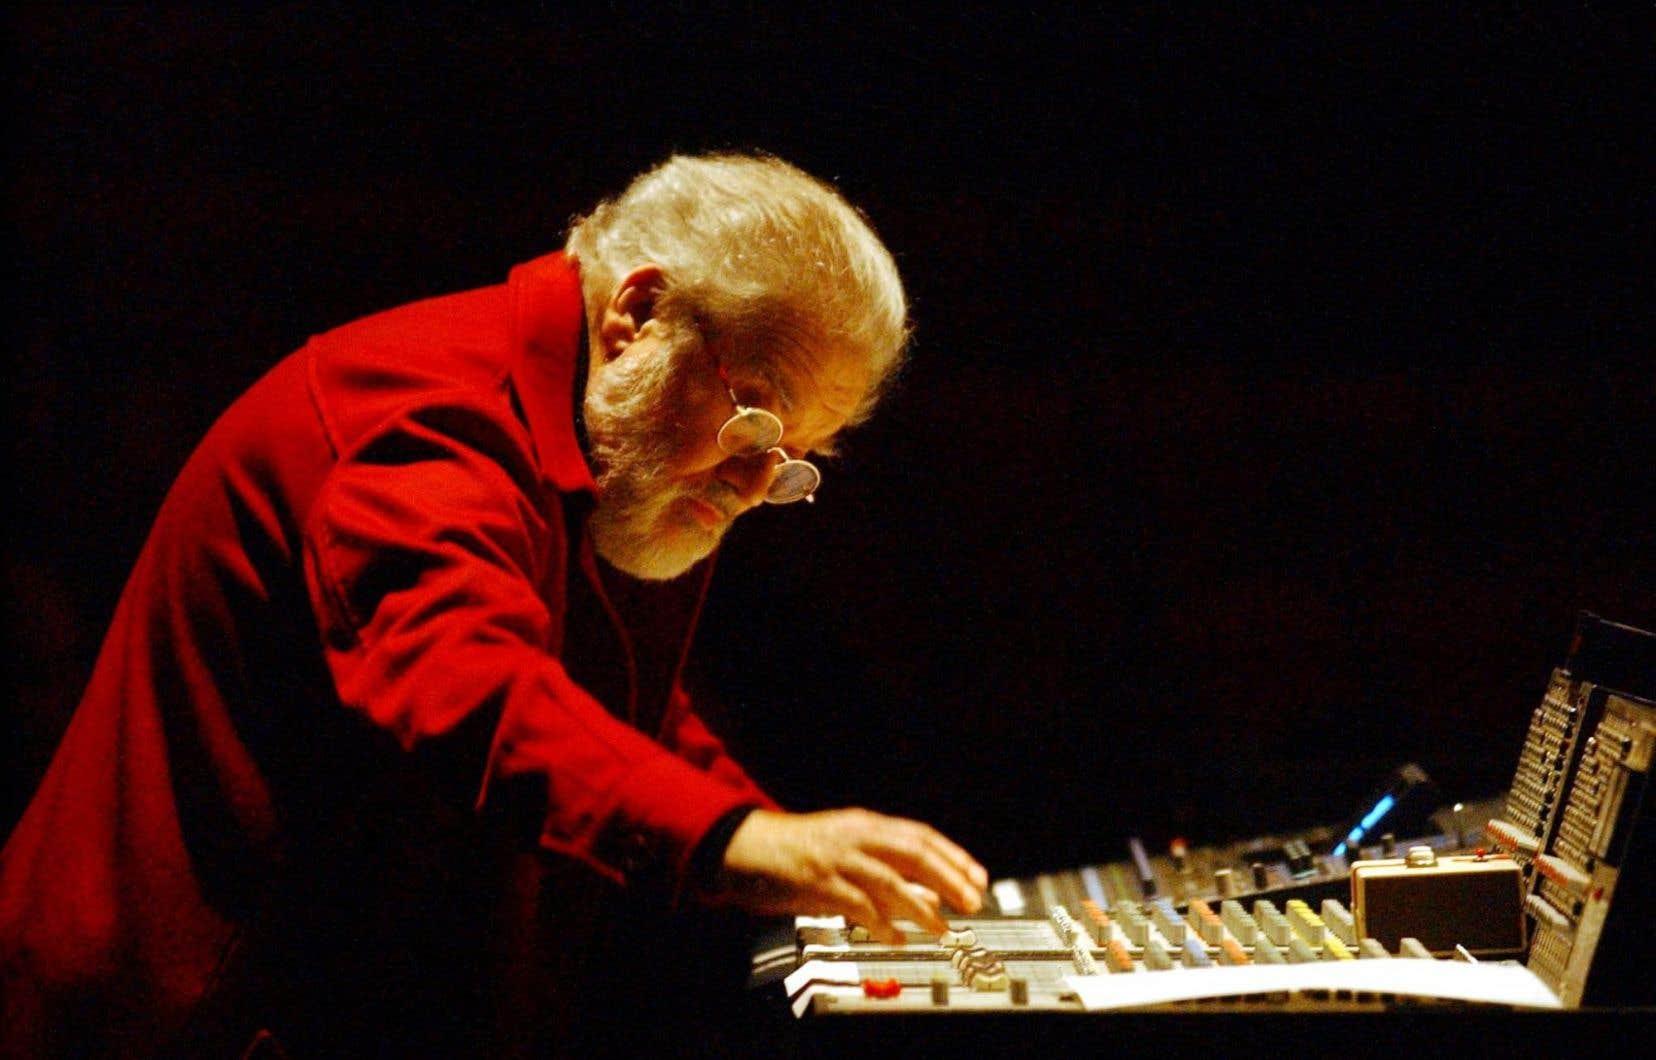 Le nom de Pierre Henry reste attaché à la <em>«musique concrète»</em> (bruits ou sons enregistrés) fondée par Pierre Schaeffer.